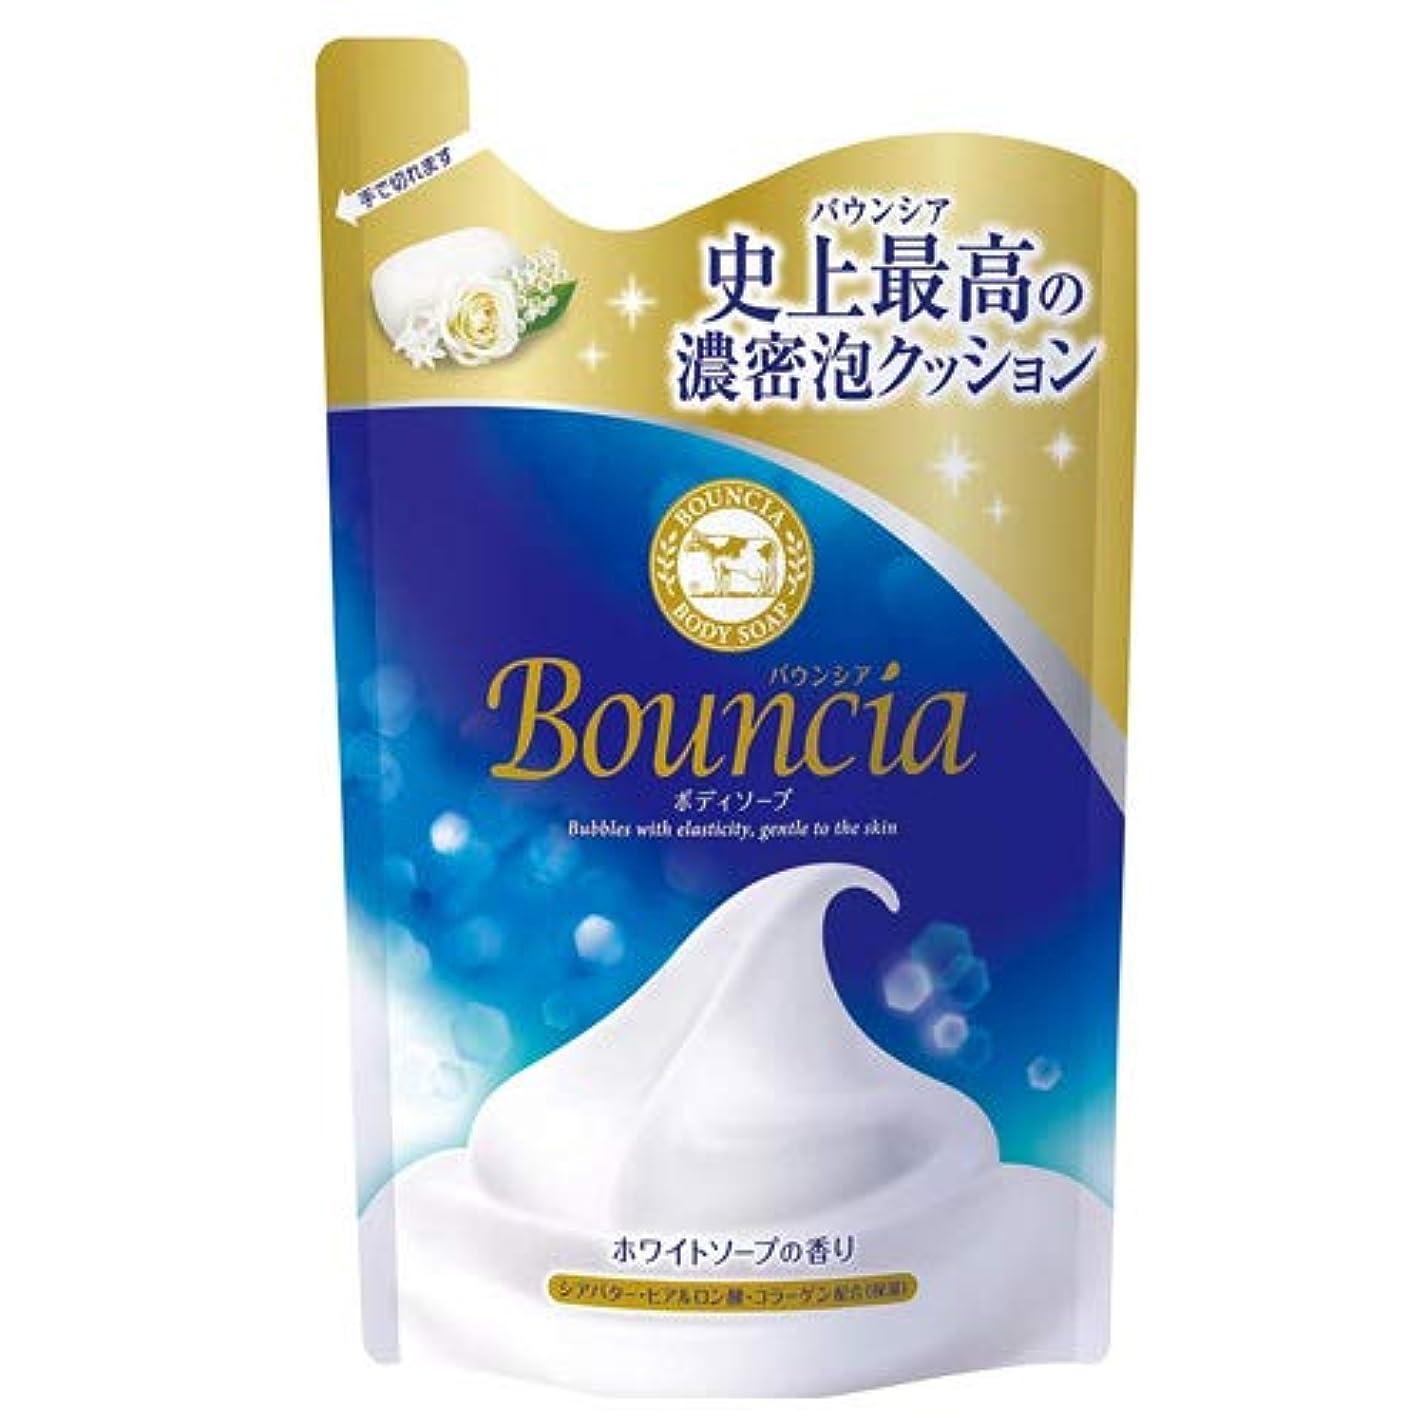 裸バリーオアシス牛乳石鹸 バウンシア ボディソープ 詰替用 400ml×4個